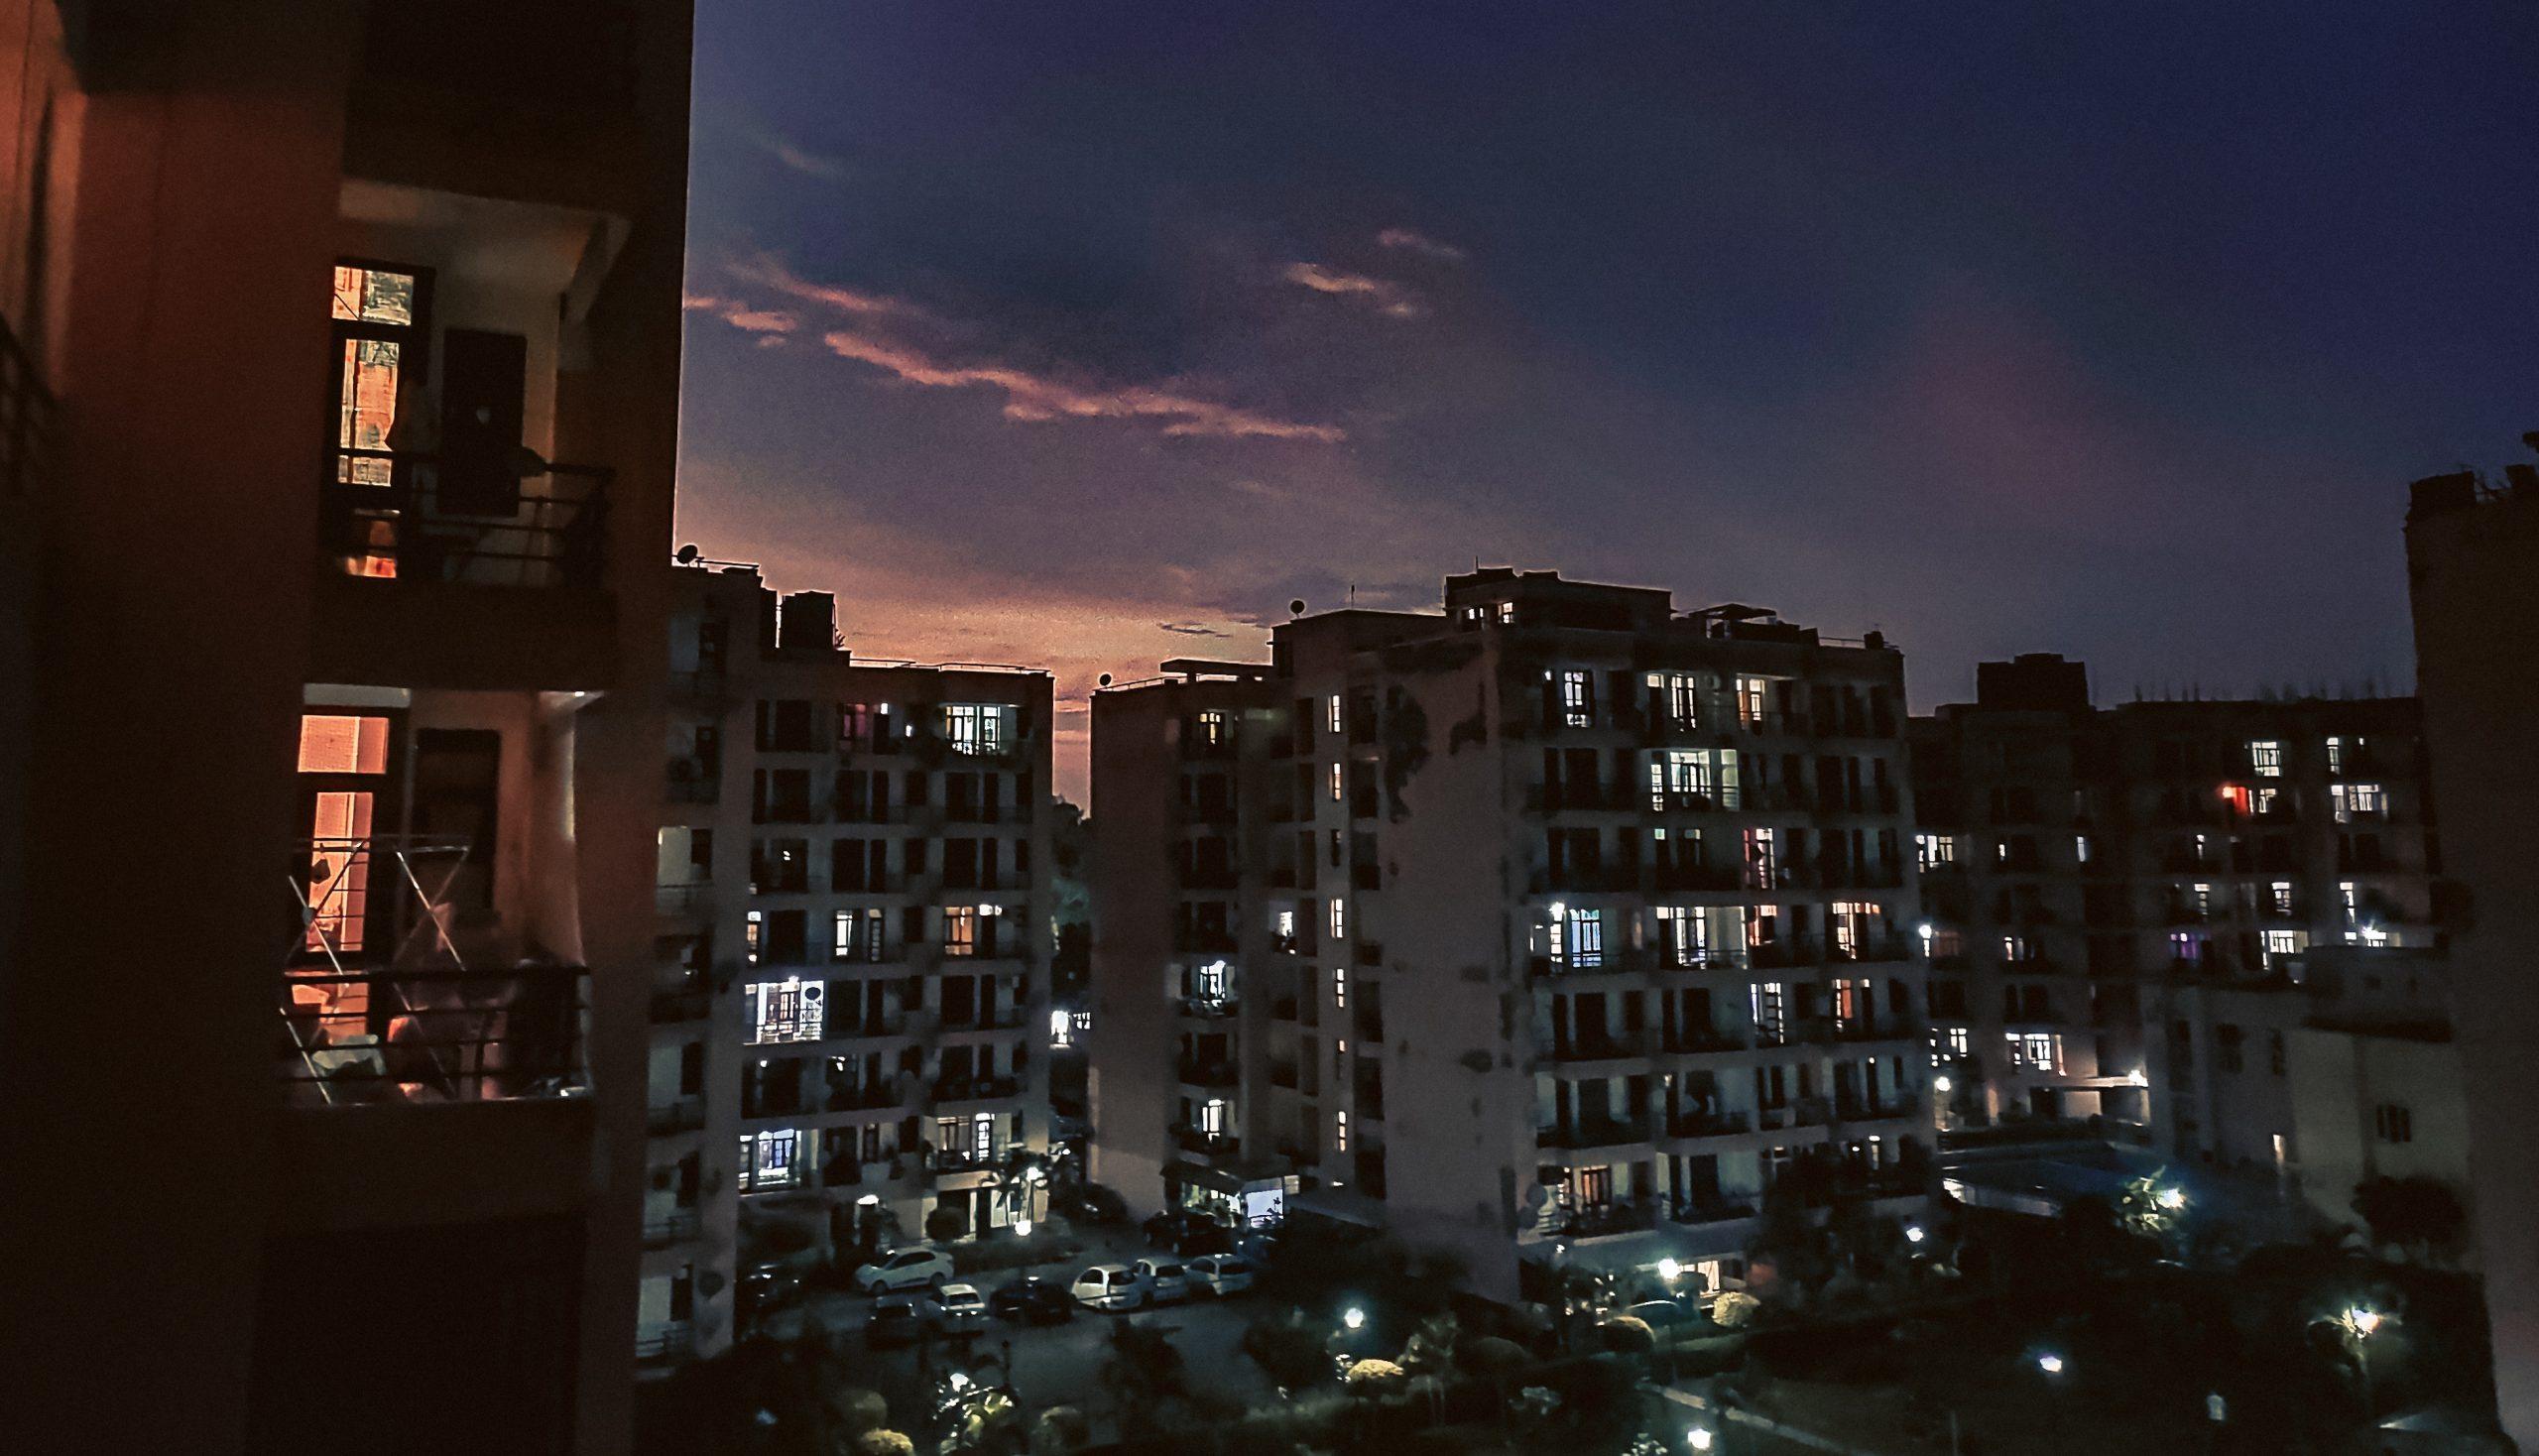 Evening sky view